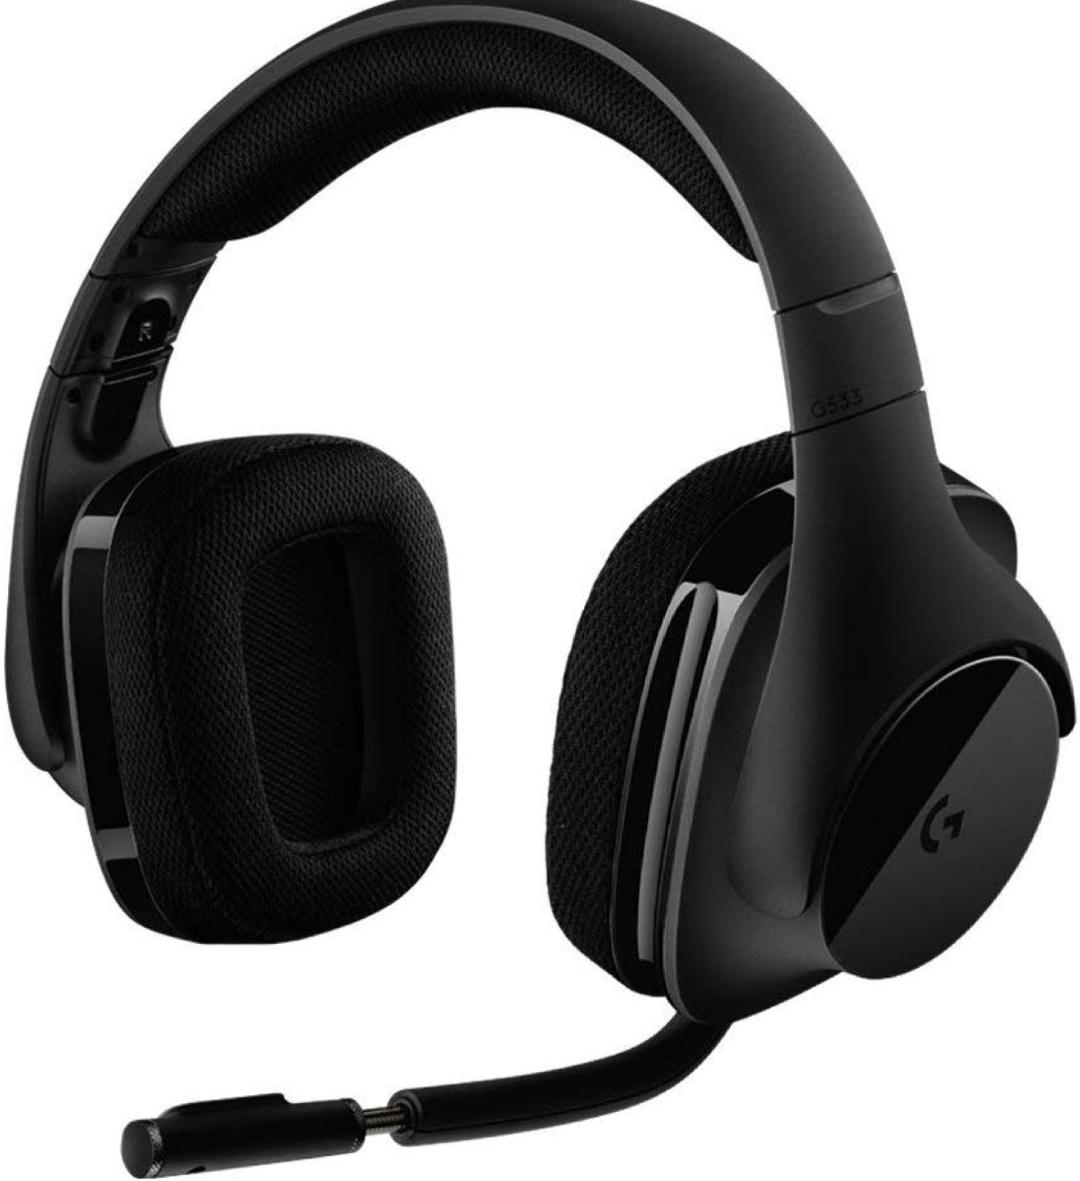 Auriculares Inalambricos Logitech G533 con micrófono y DTS 7.1